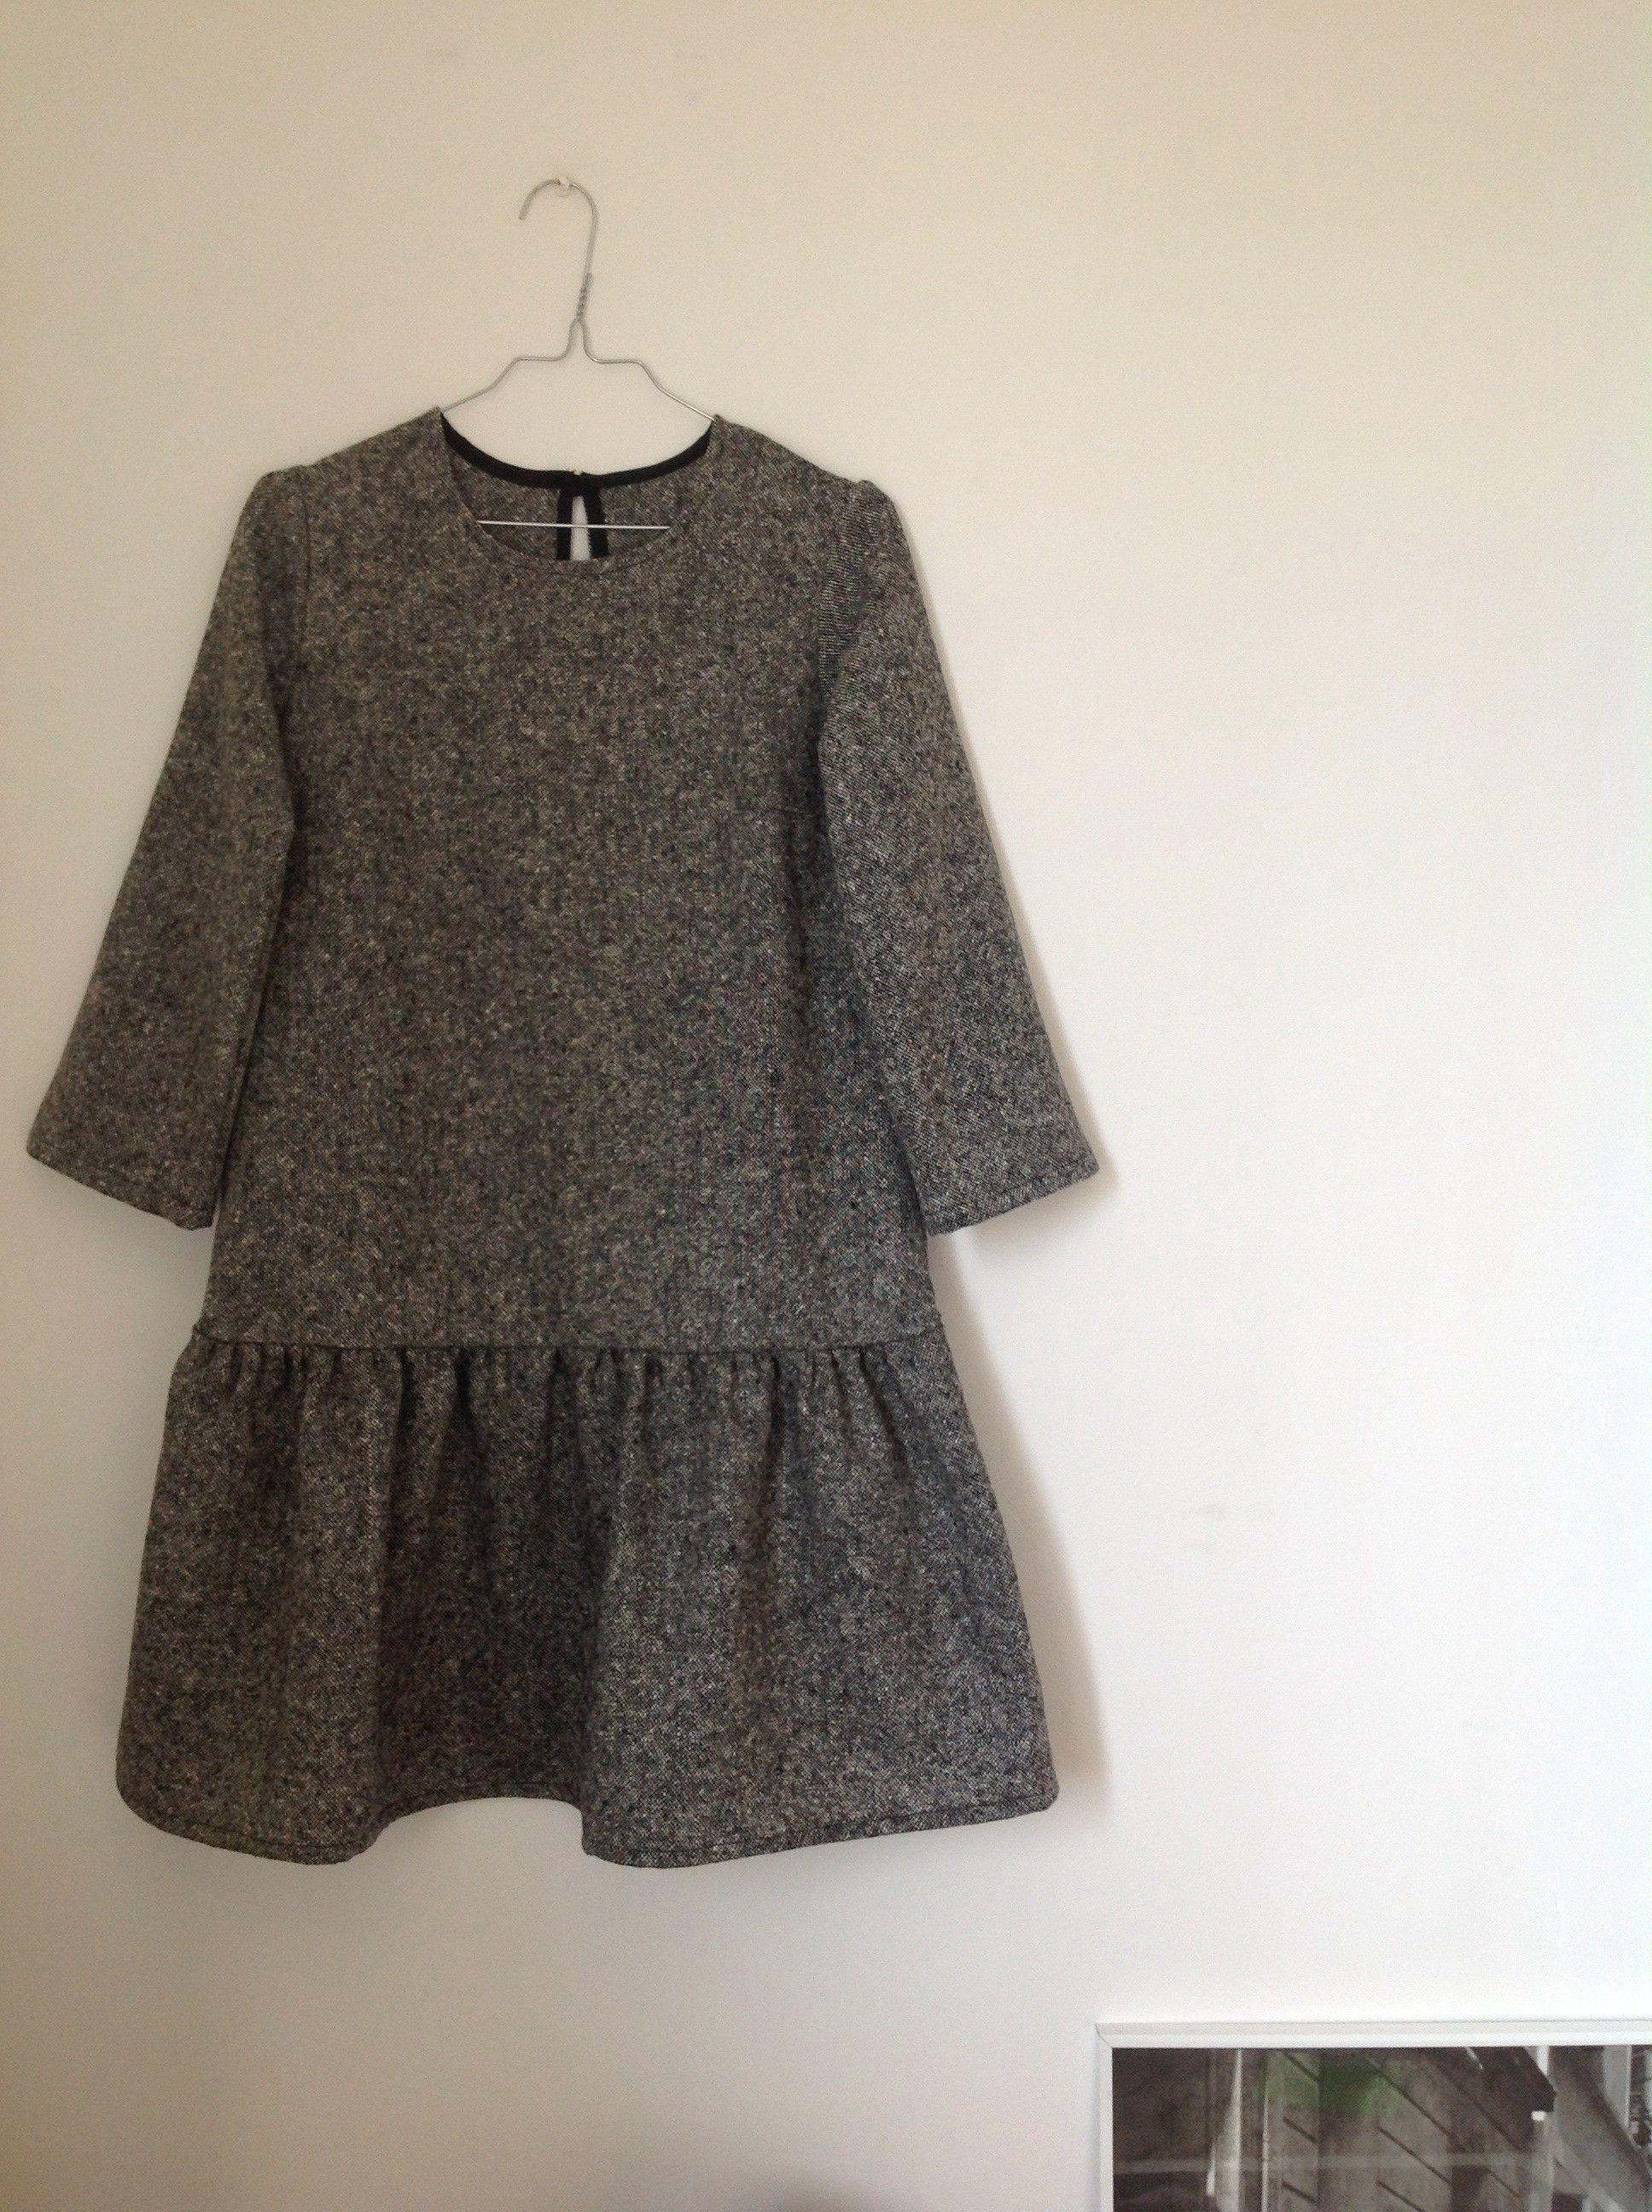 patron japonais pour utiliser mon tweed sewspiration pinterest couture robe et couture robe. Black Bedroom Furniture Sets. Home Design Ideas